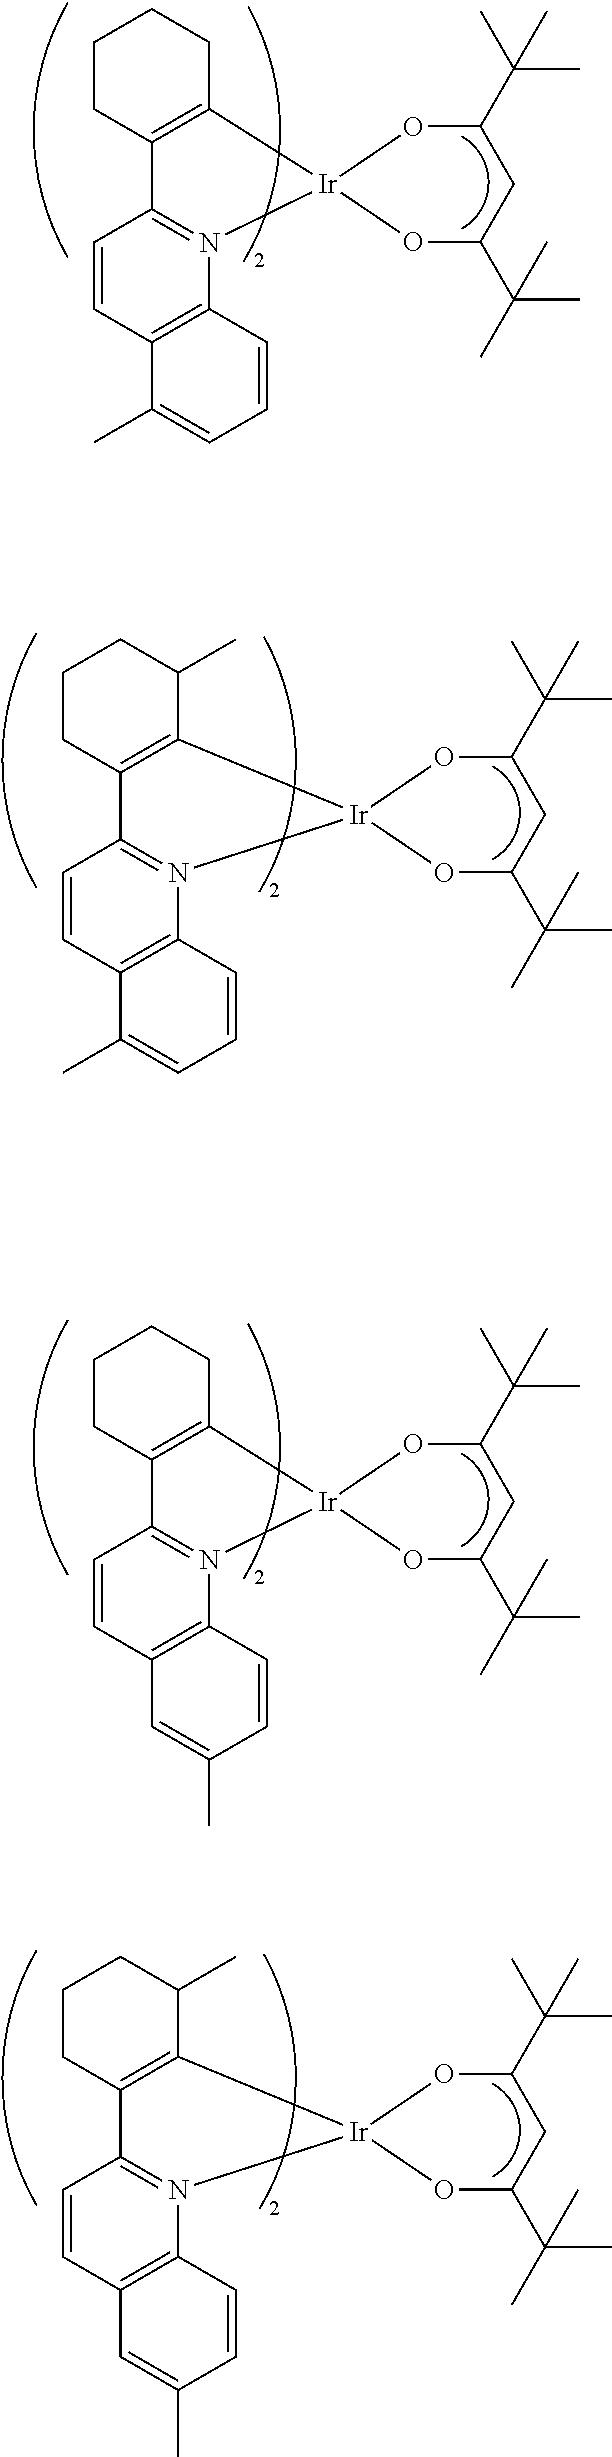 Figure US09324958-20160426-C00067